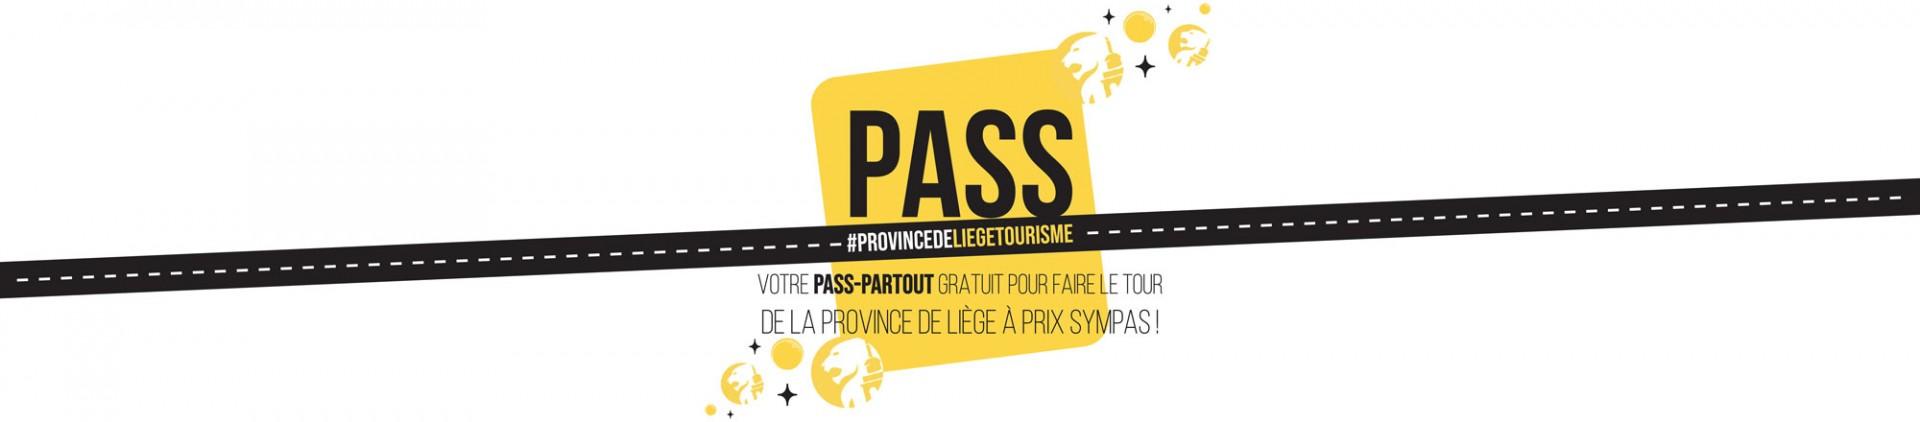 Le PASS #provincedeLIEGETOURISME